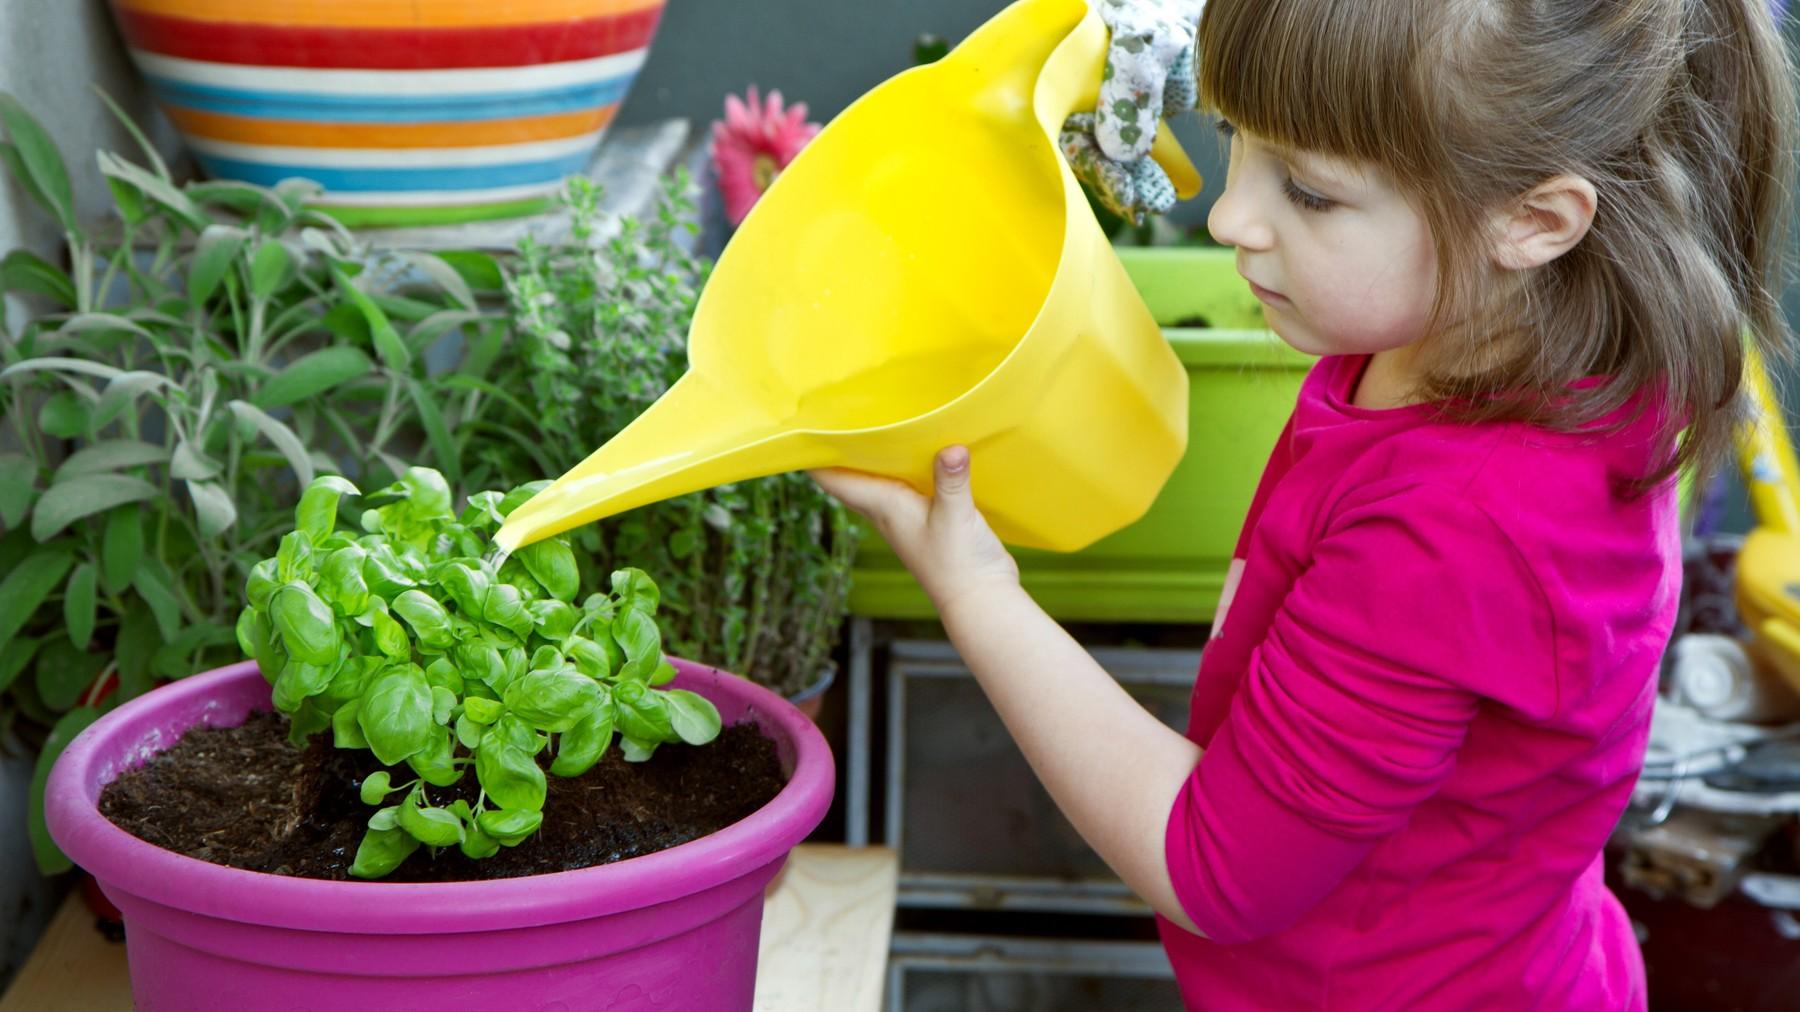 เด็กผู้หญิงใส่เสื้อสีชมพูกำลังรดน้ำต้นไม้ผักในสวนหลังบ้าน